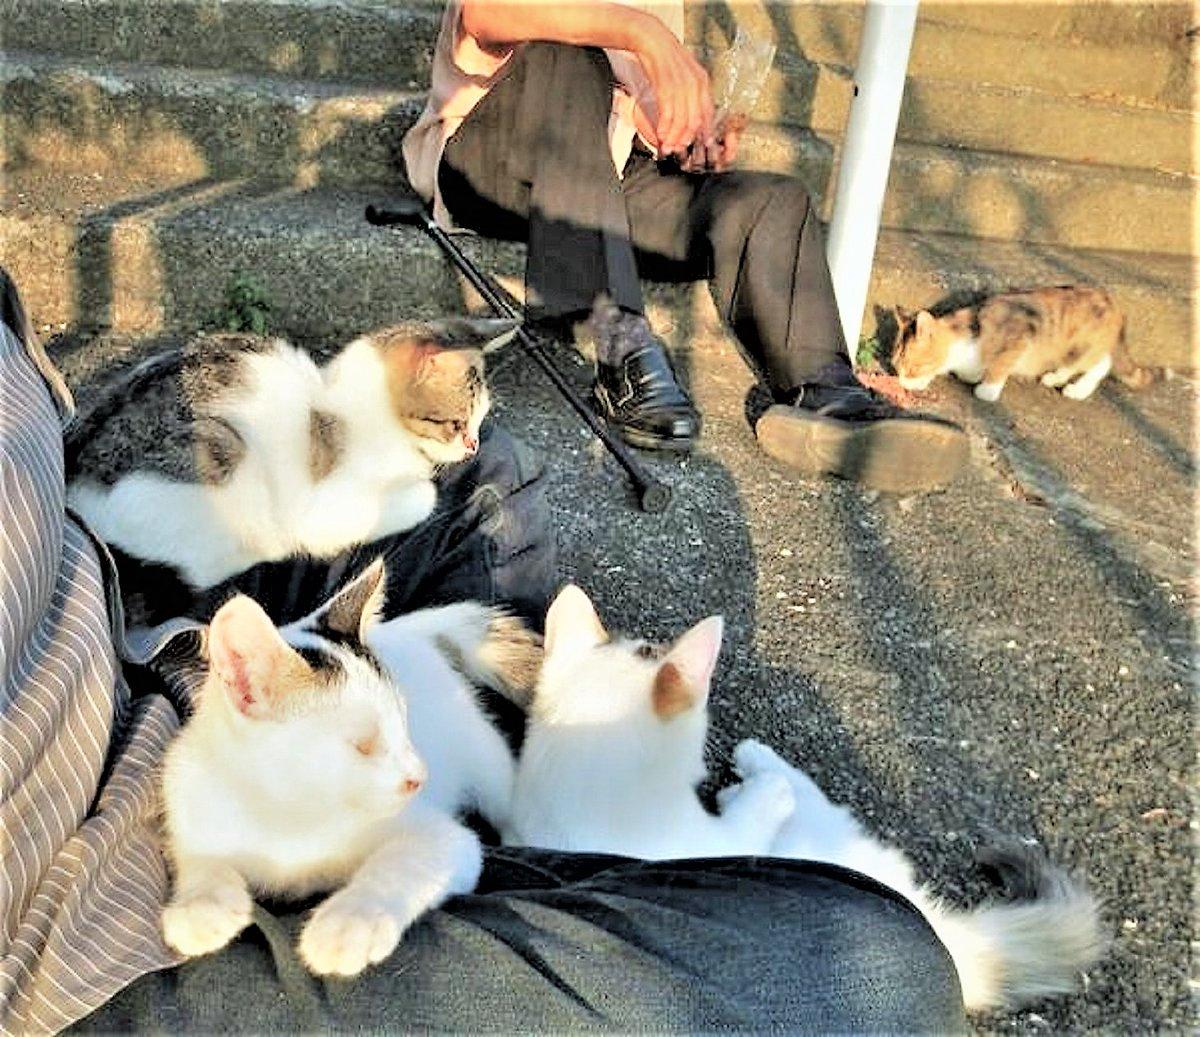 おはよ~ ございます ★╦╦╔╗╔╗╔╗╗╔░╔╦╗╔╗╔╗─╦╔╗╗╔★  ★╠╣╠╣╠╝╠╝╚╣░║║║║║║║╔╣╠╣╚╣★ ★╩╩╩╩╩─╩─╚╝░╝╝╝╚╝╩║╚╝╩║═╝★  #cat #ねこ #猫 #地域猫 #東京探検隊 pic.twitter.com/Mv4W6b7HjK